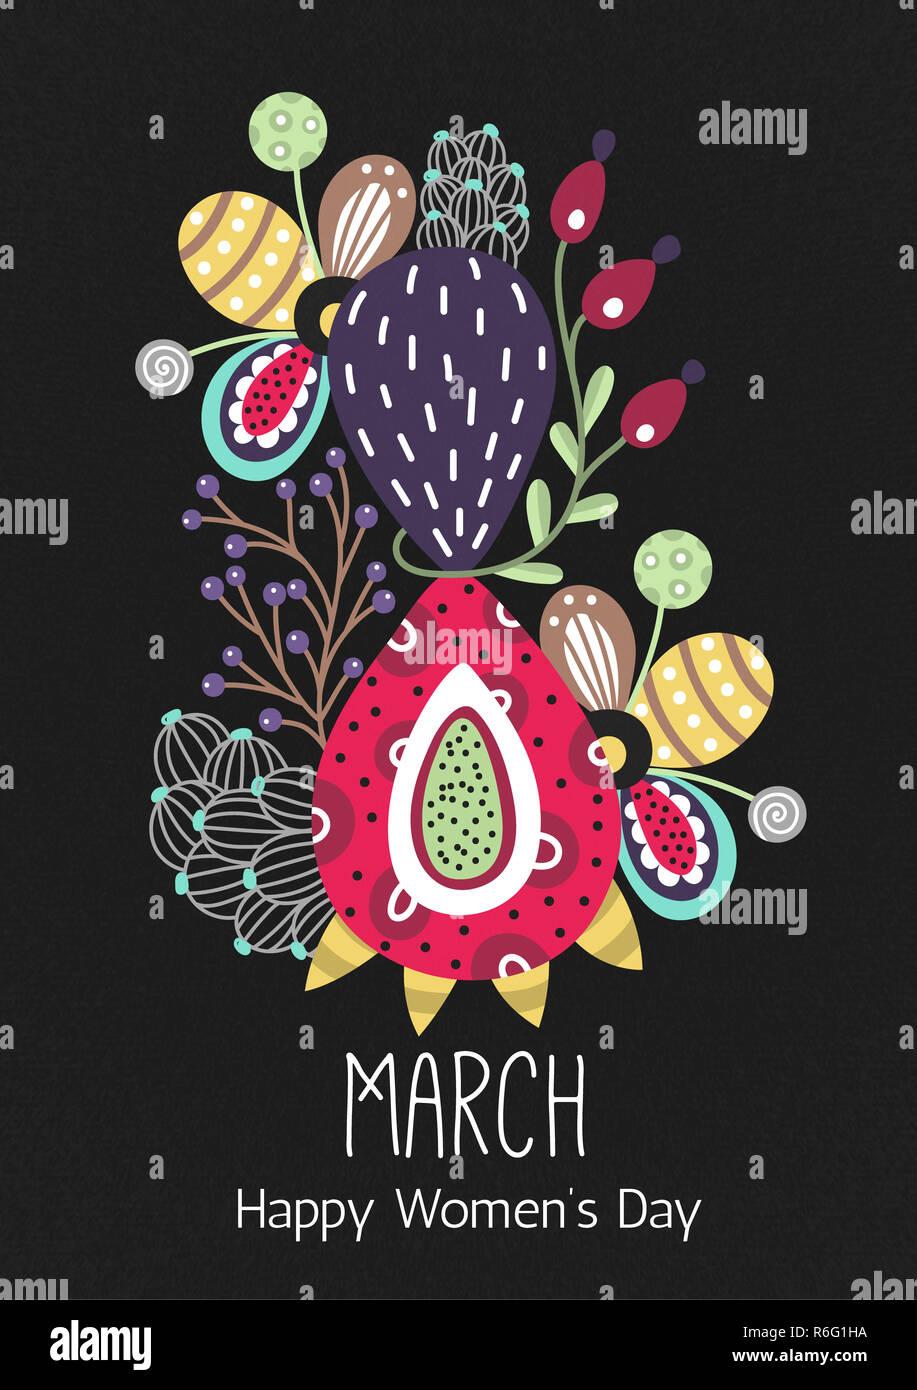 8 Mars Bonne Journee De La Femme Figure Fleurs